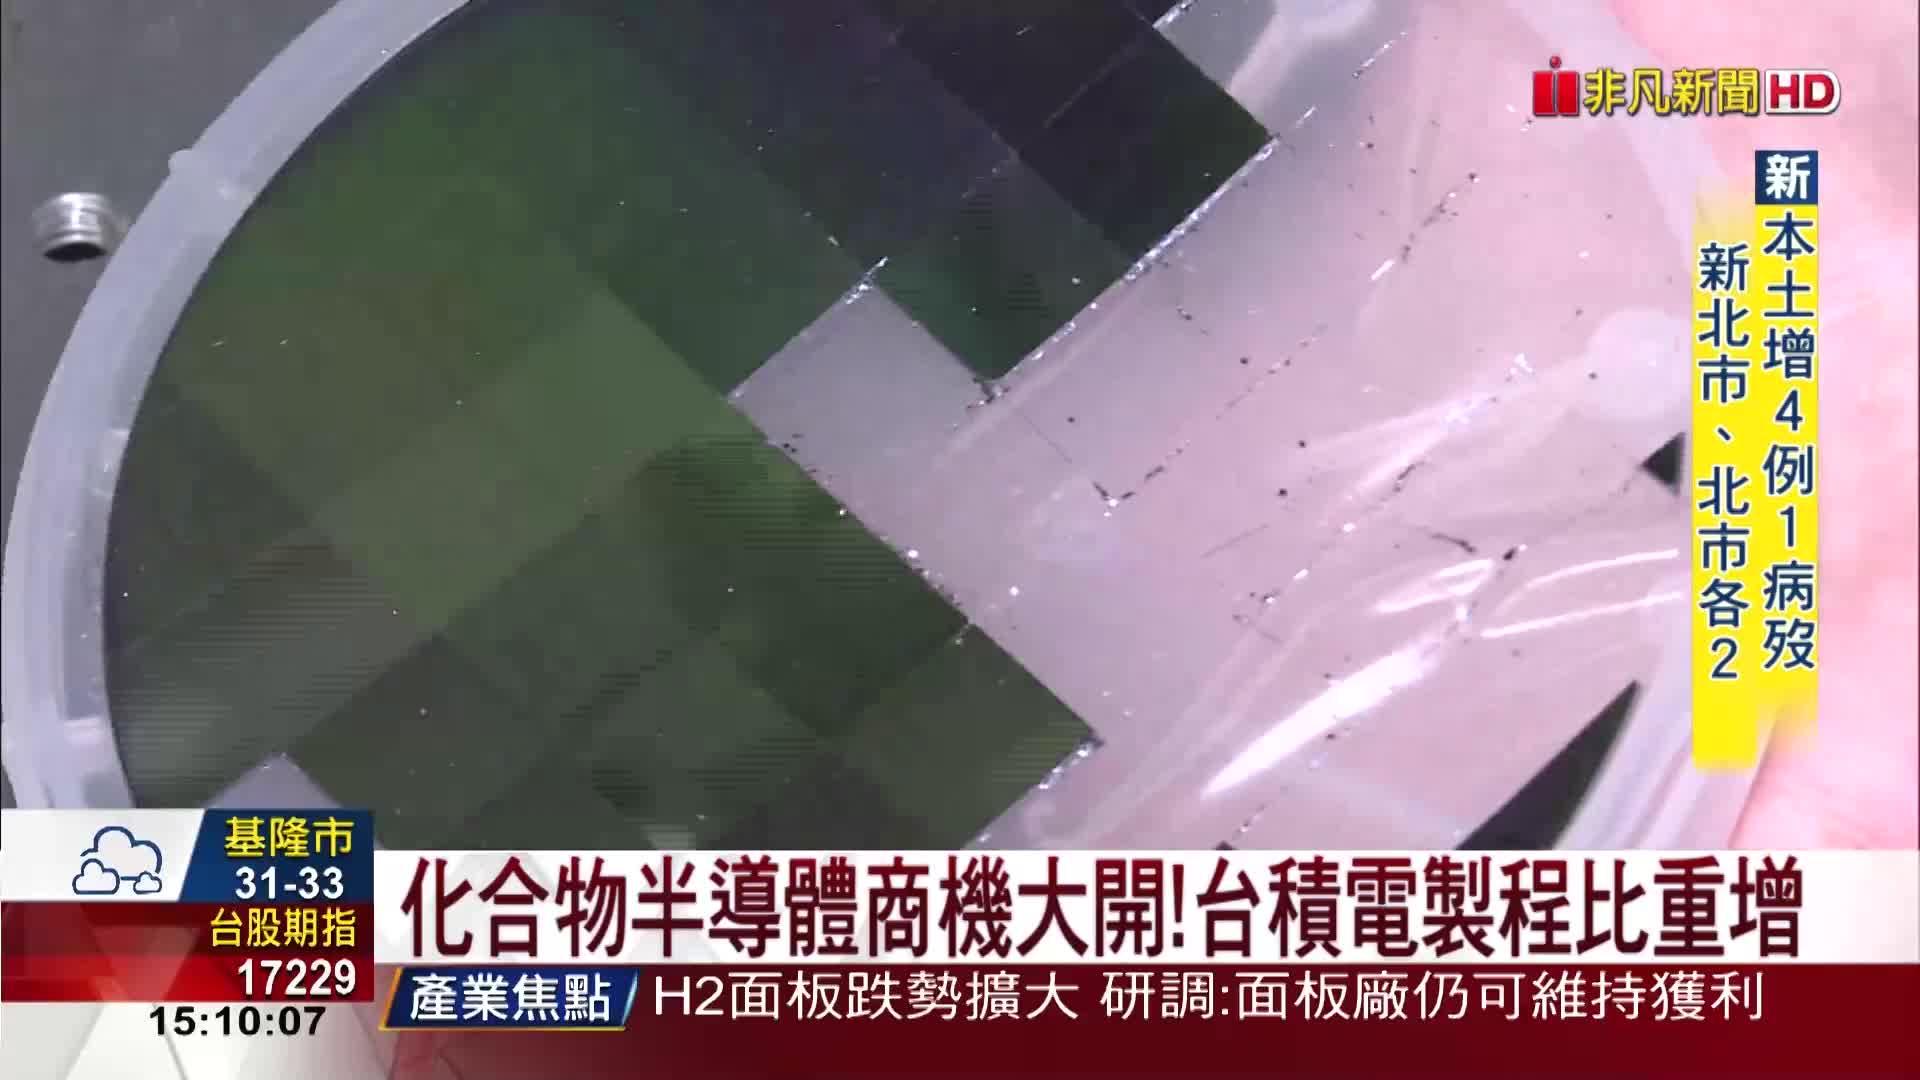 買旺宏廠.推動MIH 鴻海放眼第三代半導體